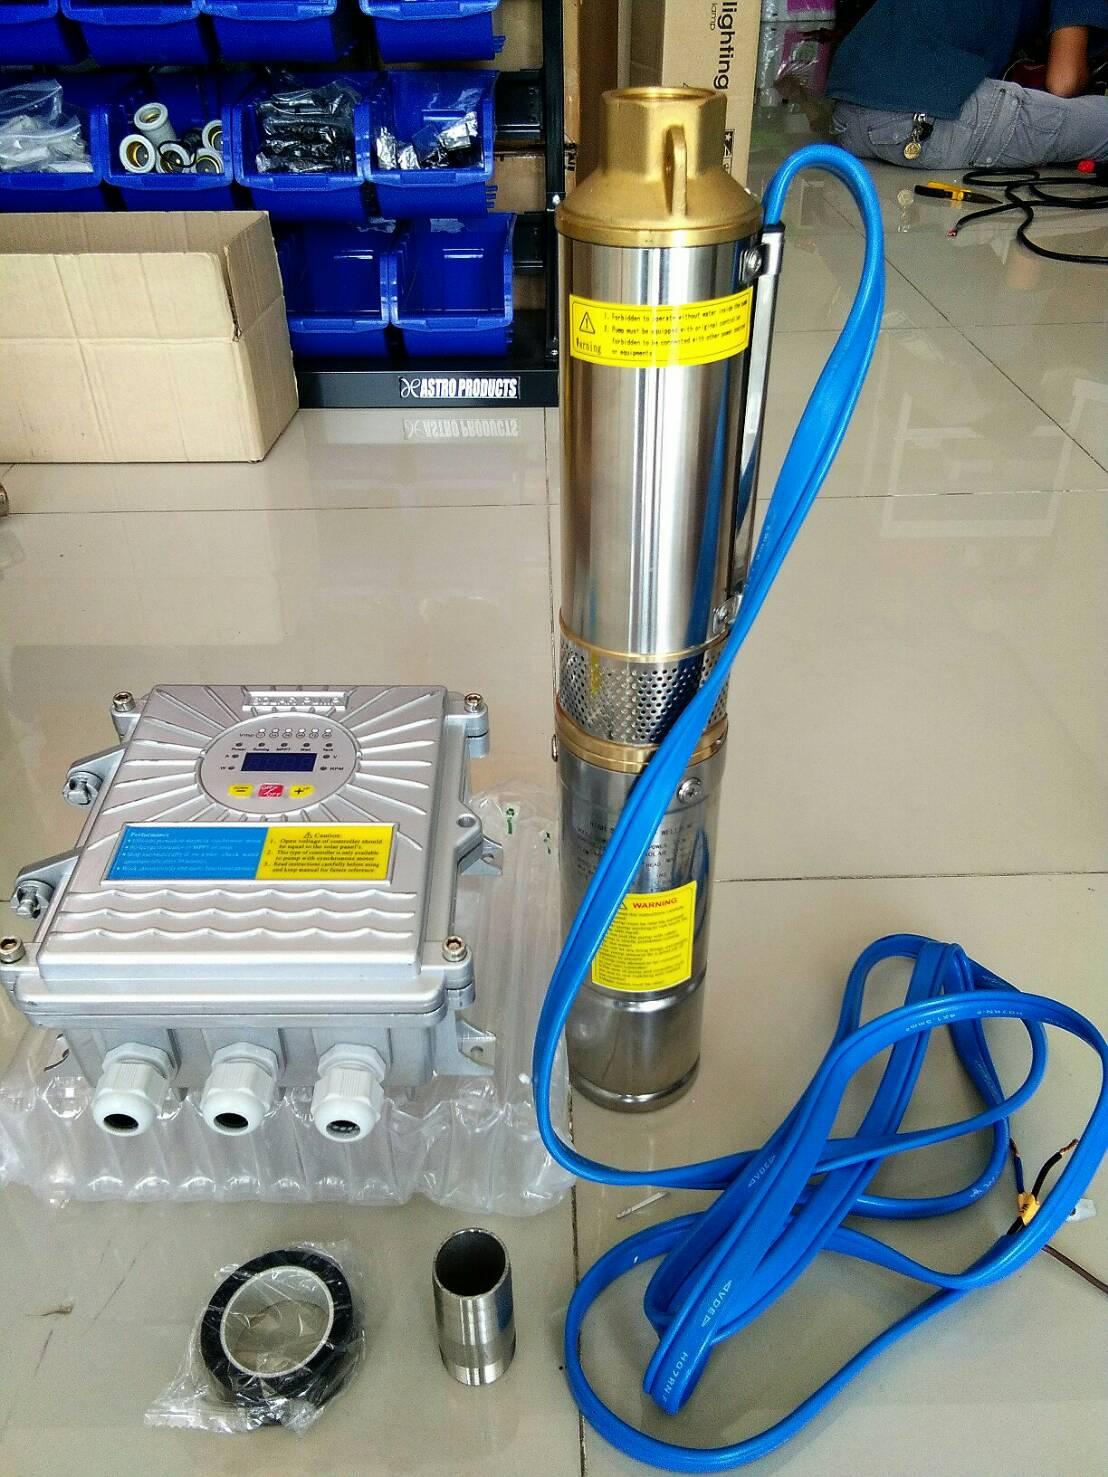 โซล่าปั๊ม (Solar Pump) ชนิด Submersible ขนาด 15A 48V 750W 0.55kW